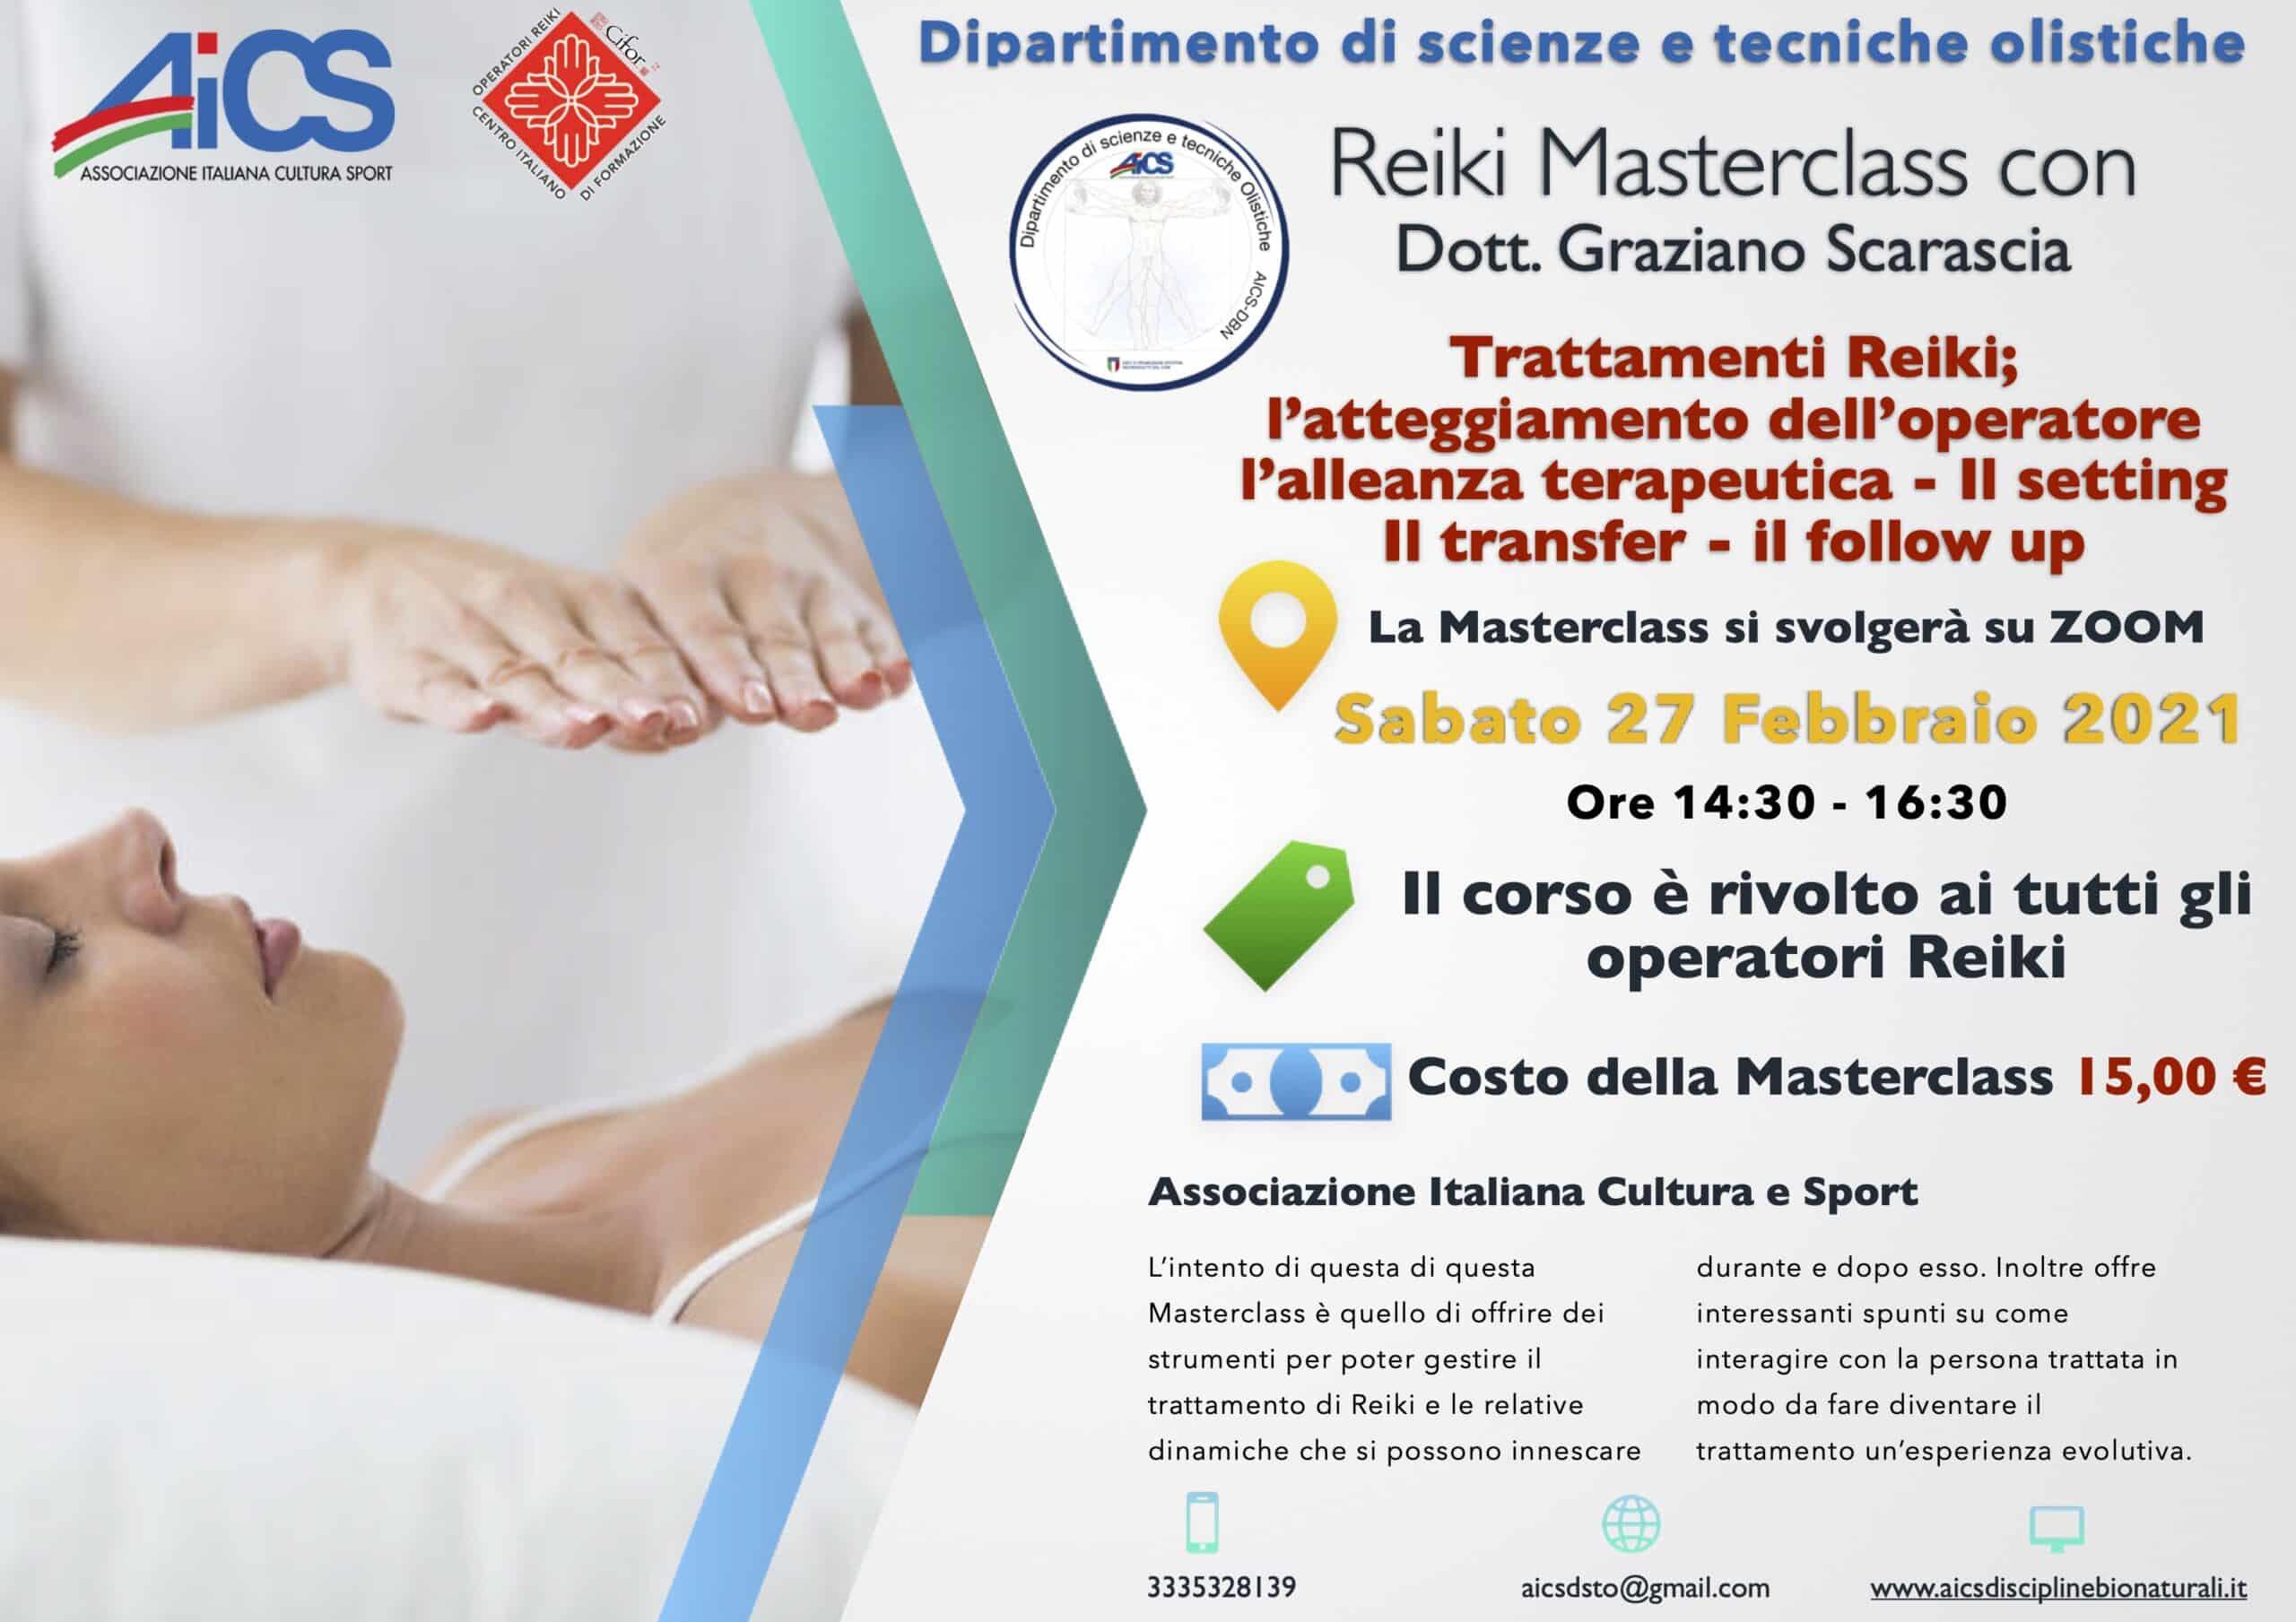 reiki masterclass con Graziano Scarascia